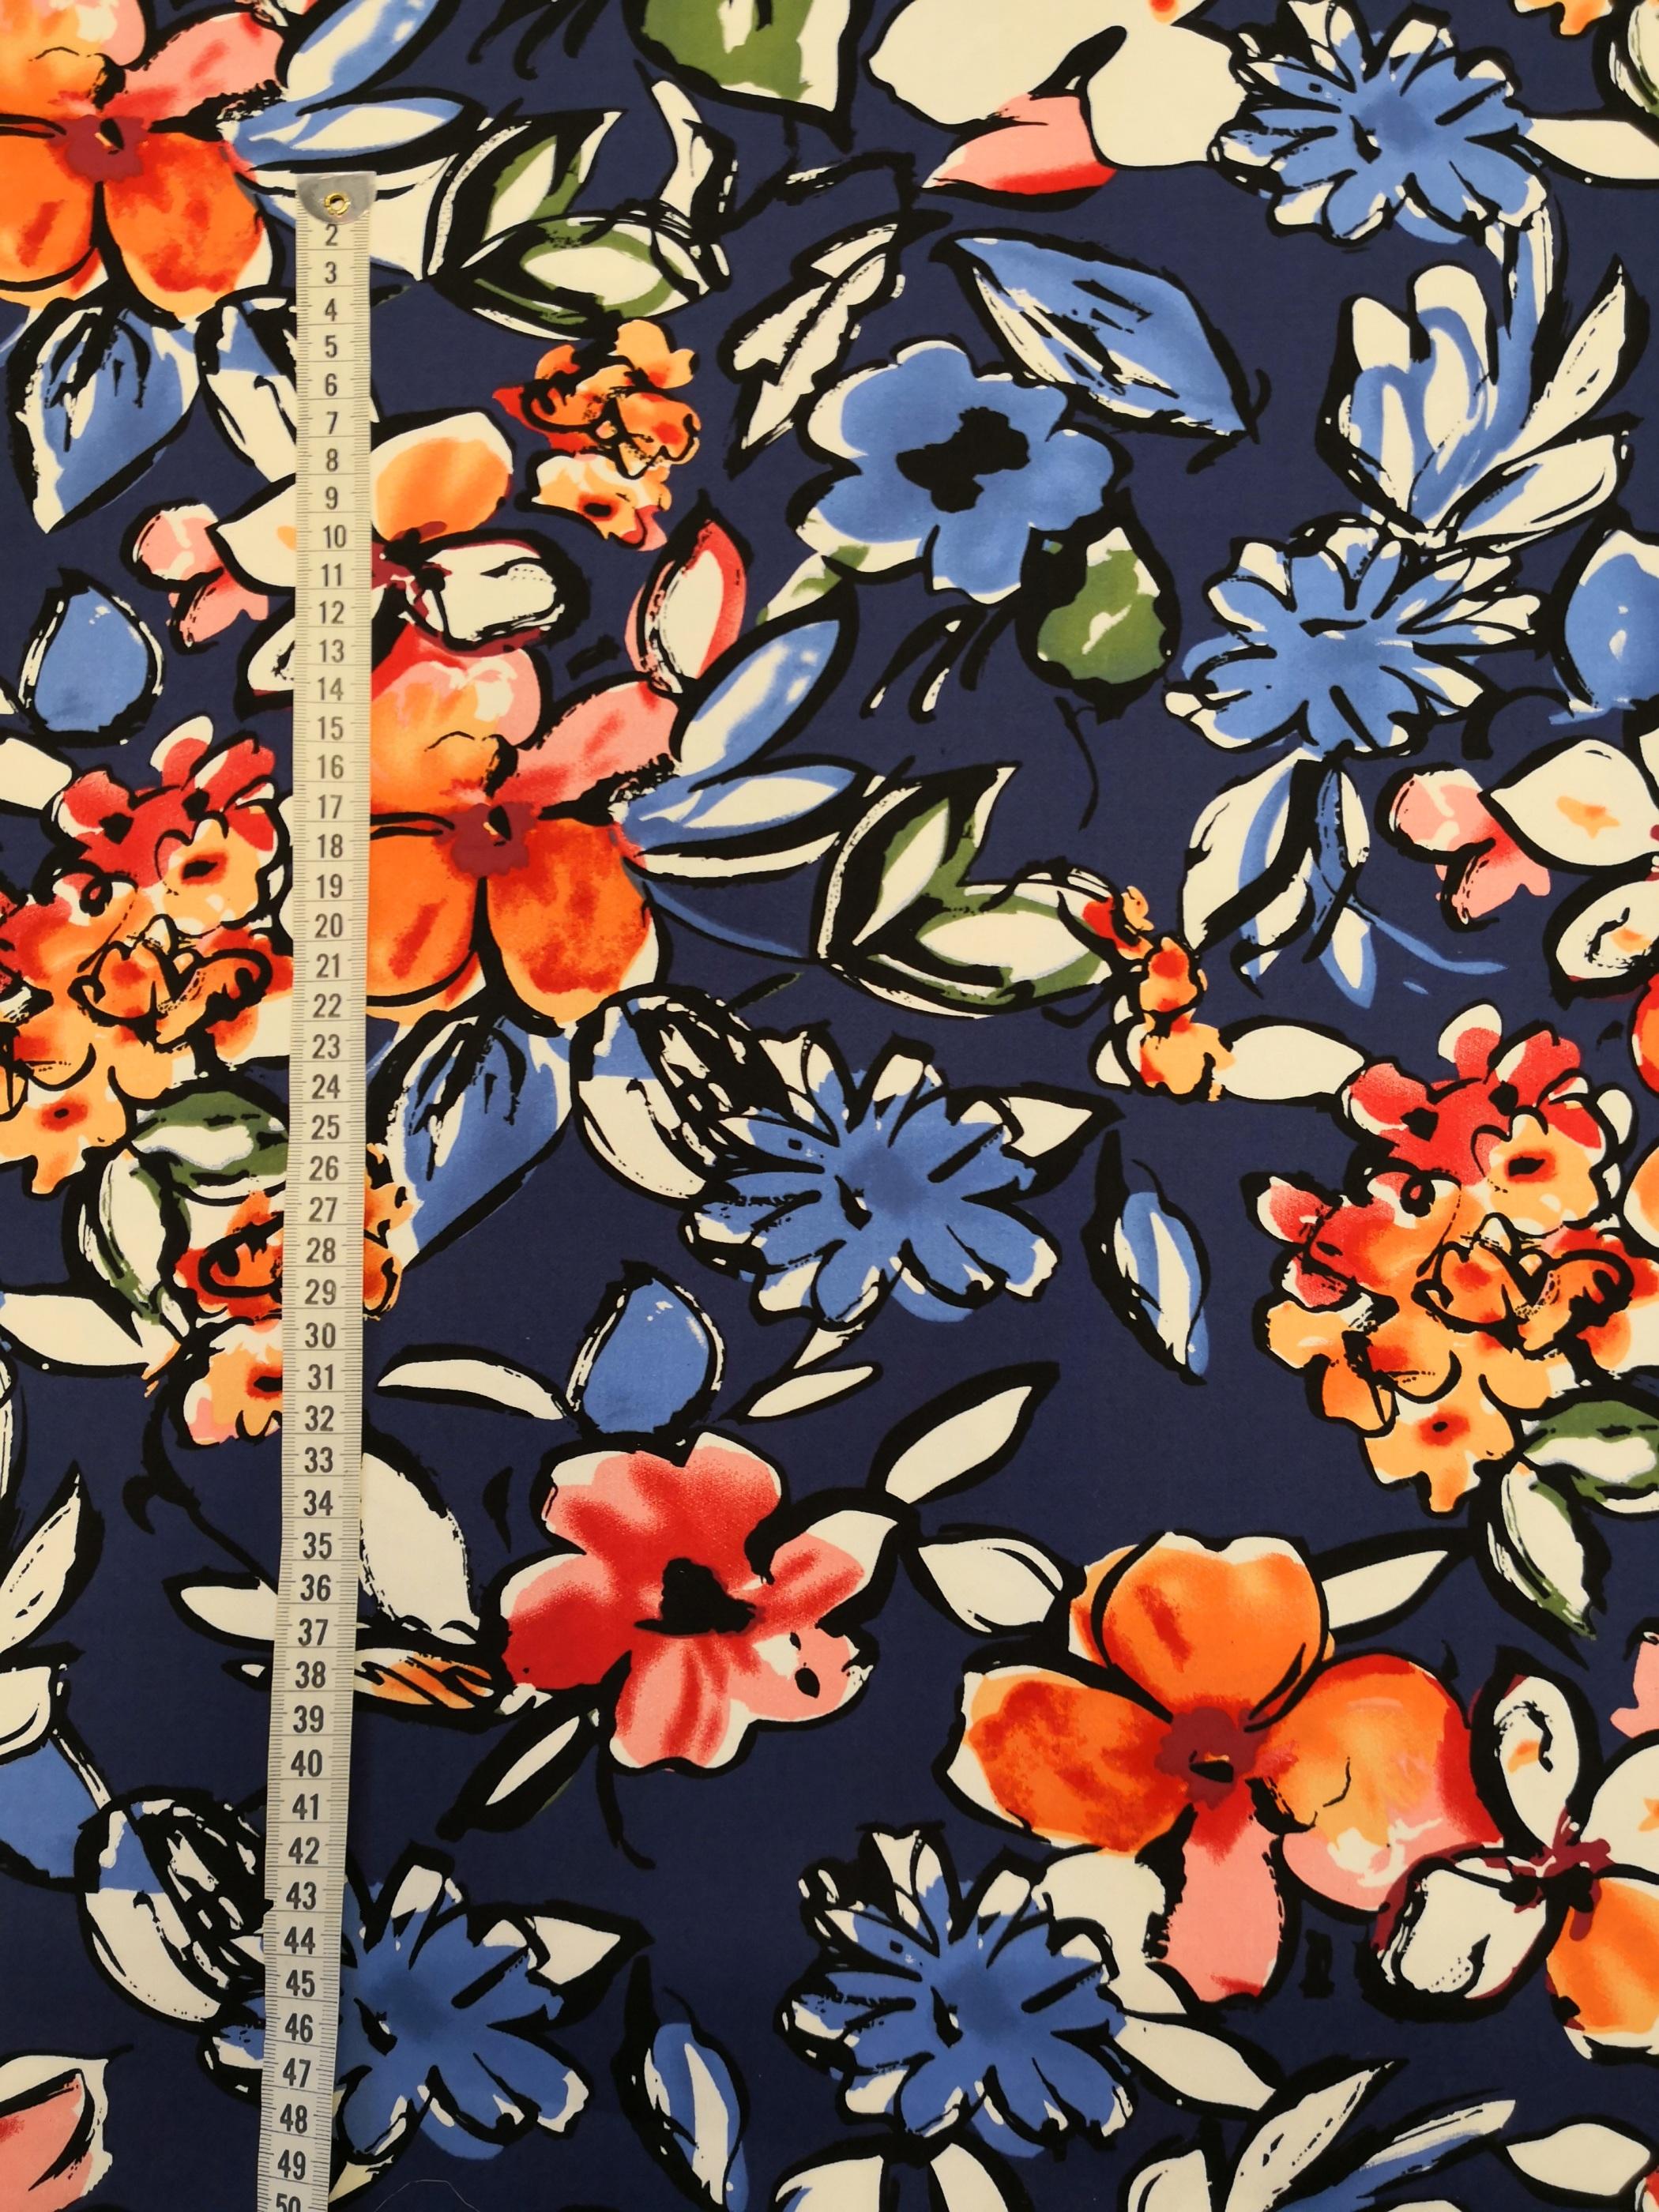 blommor på blå botten vy